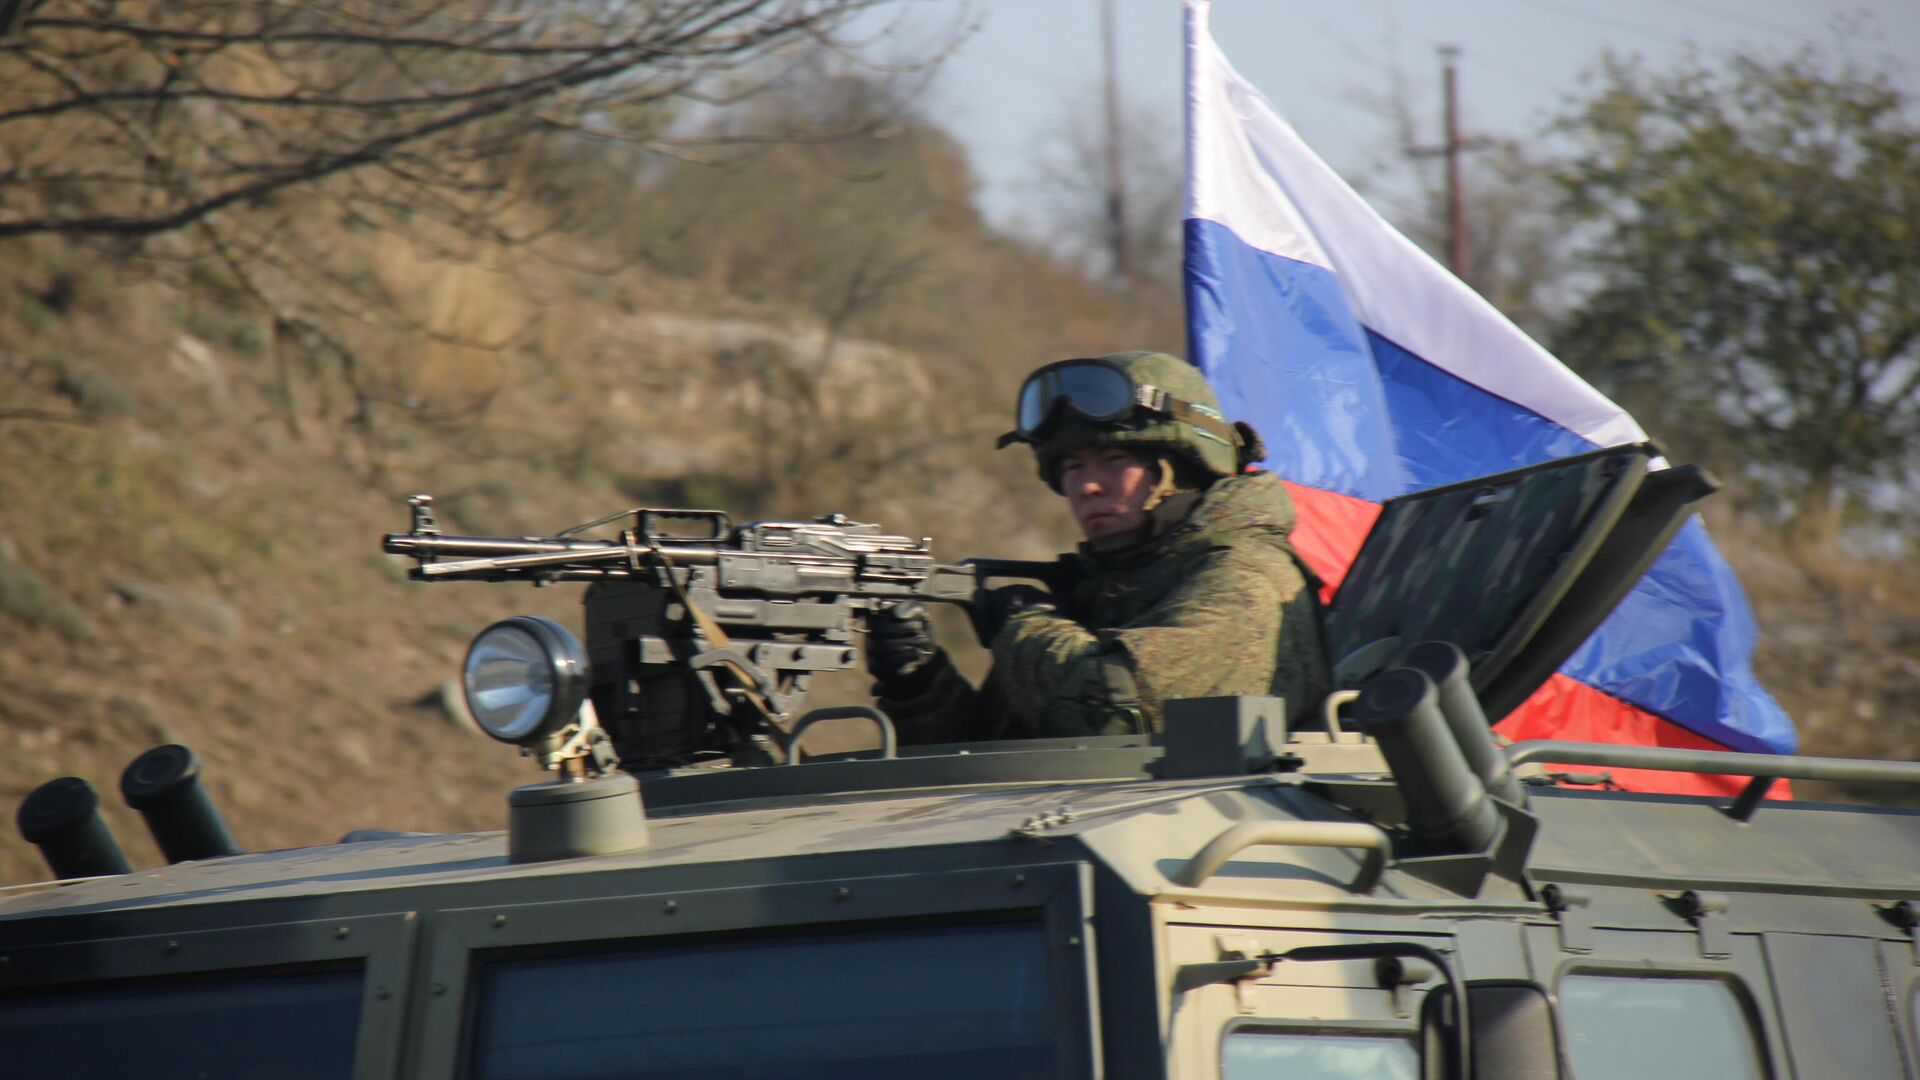 Российские миротворцы закончили развертывание в Нагорном Карабахе - РИА Новости, 21.11.2020